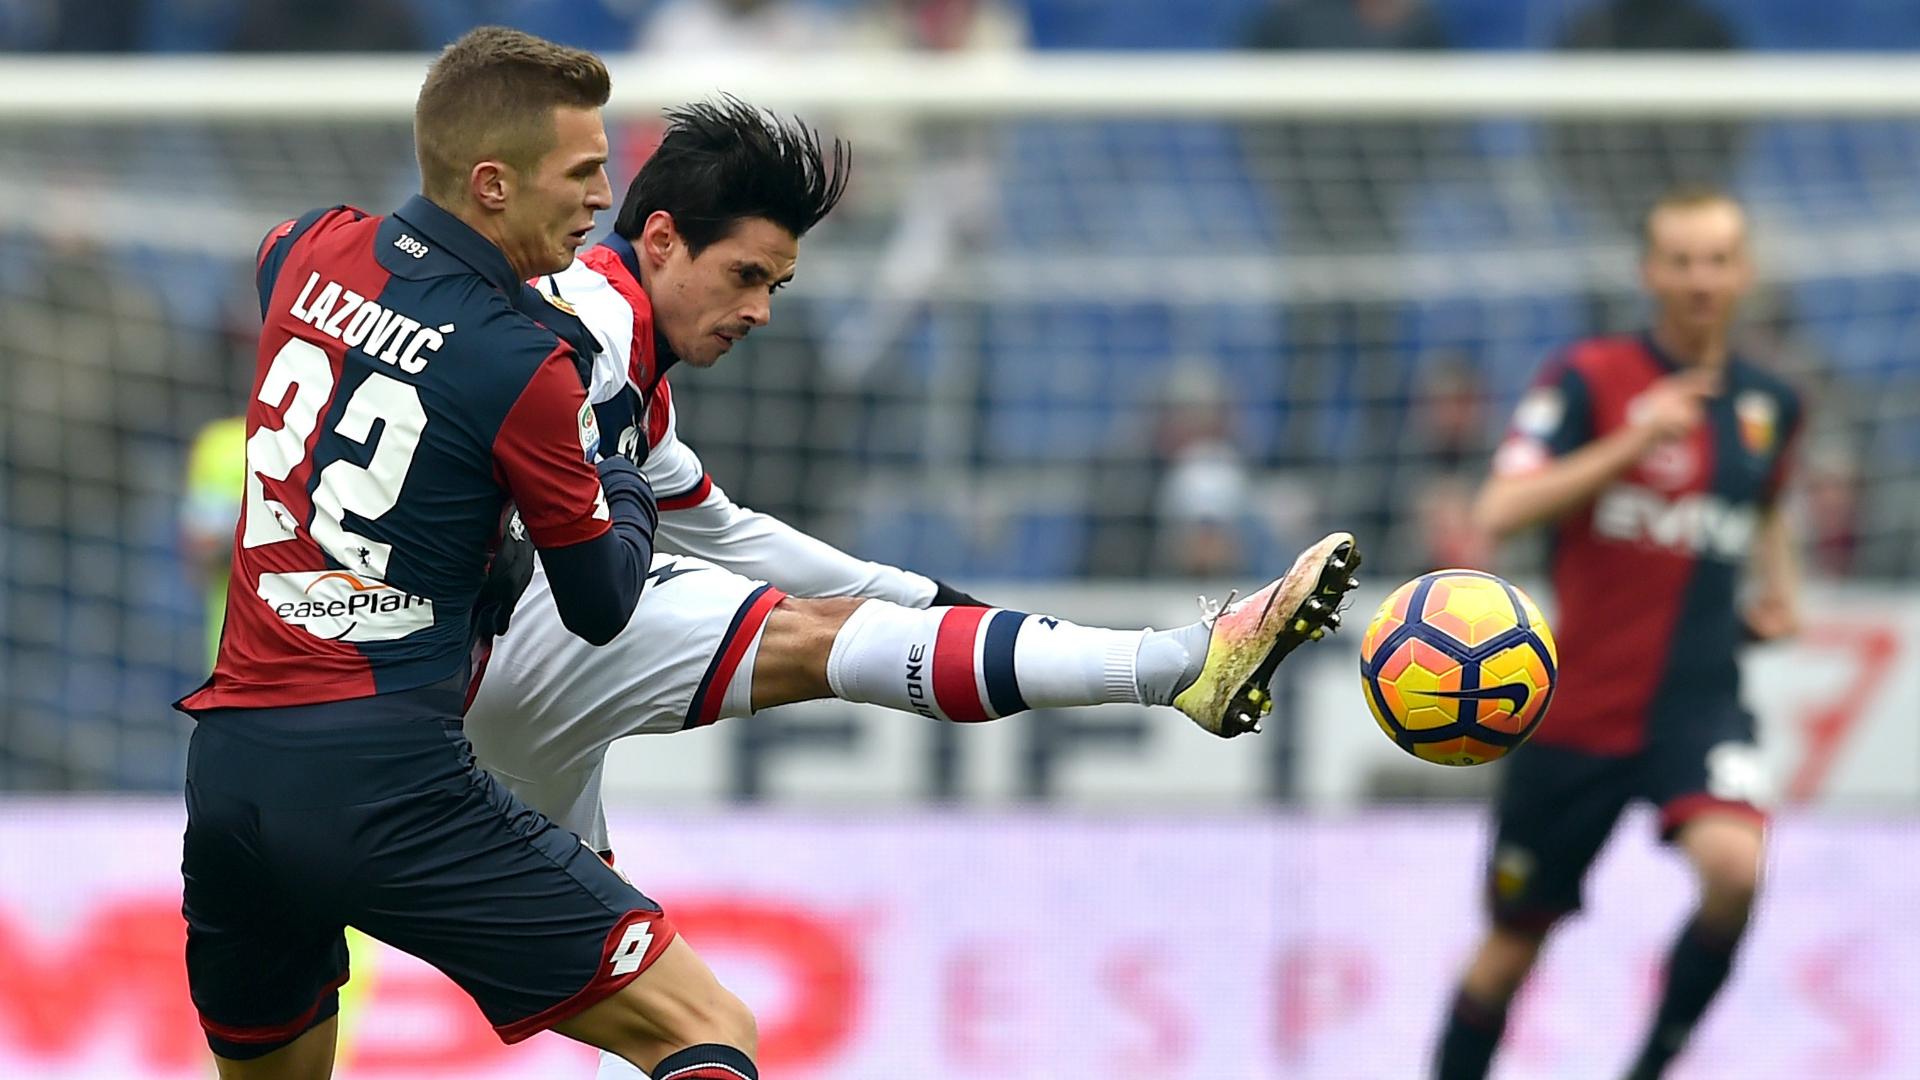 Genoa-Crotone 2-2: Grifone in crisi nera